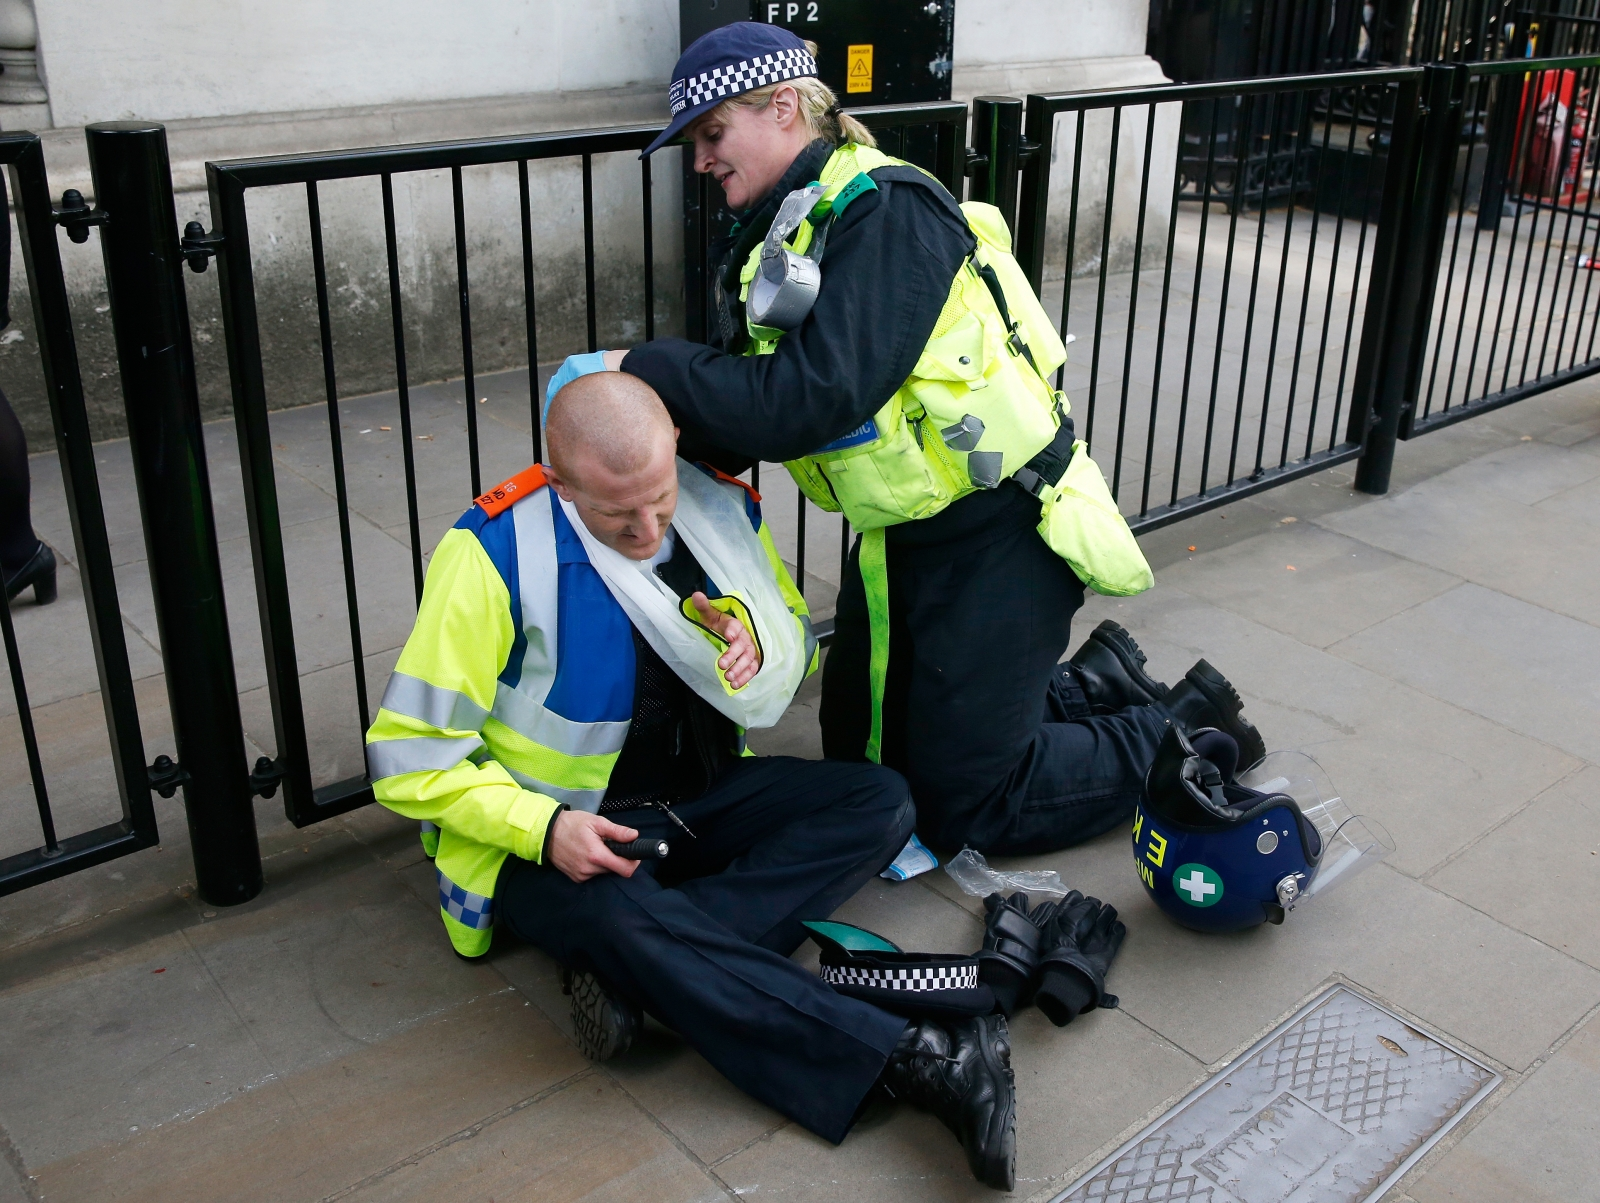 Police officer injured